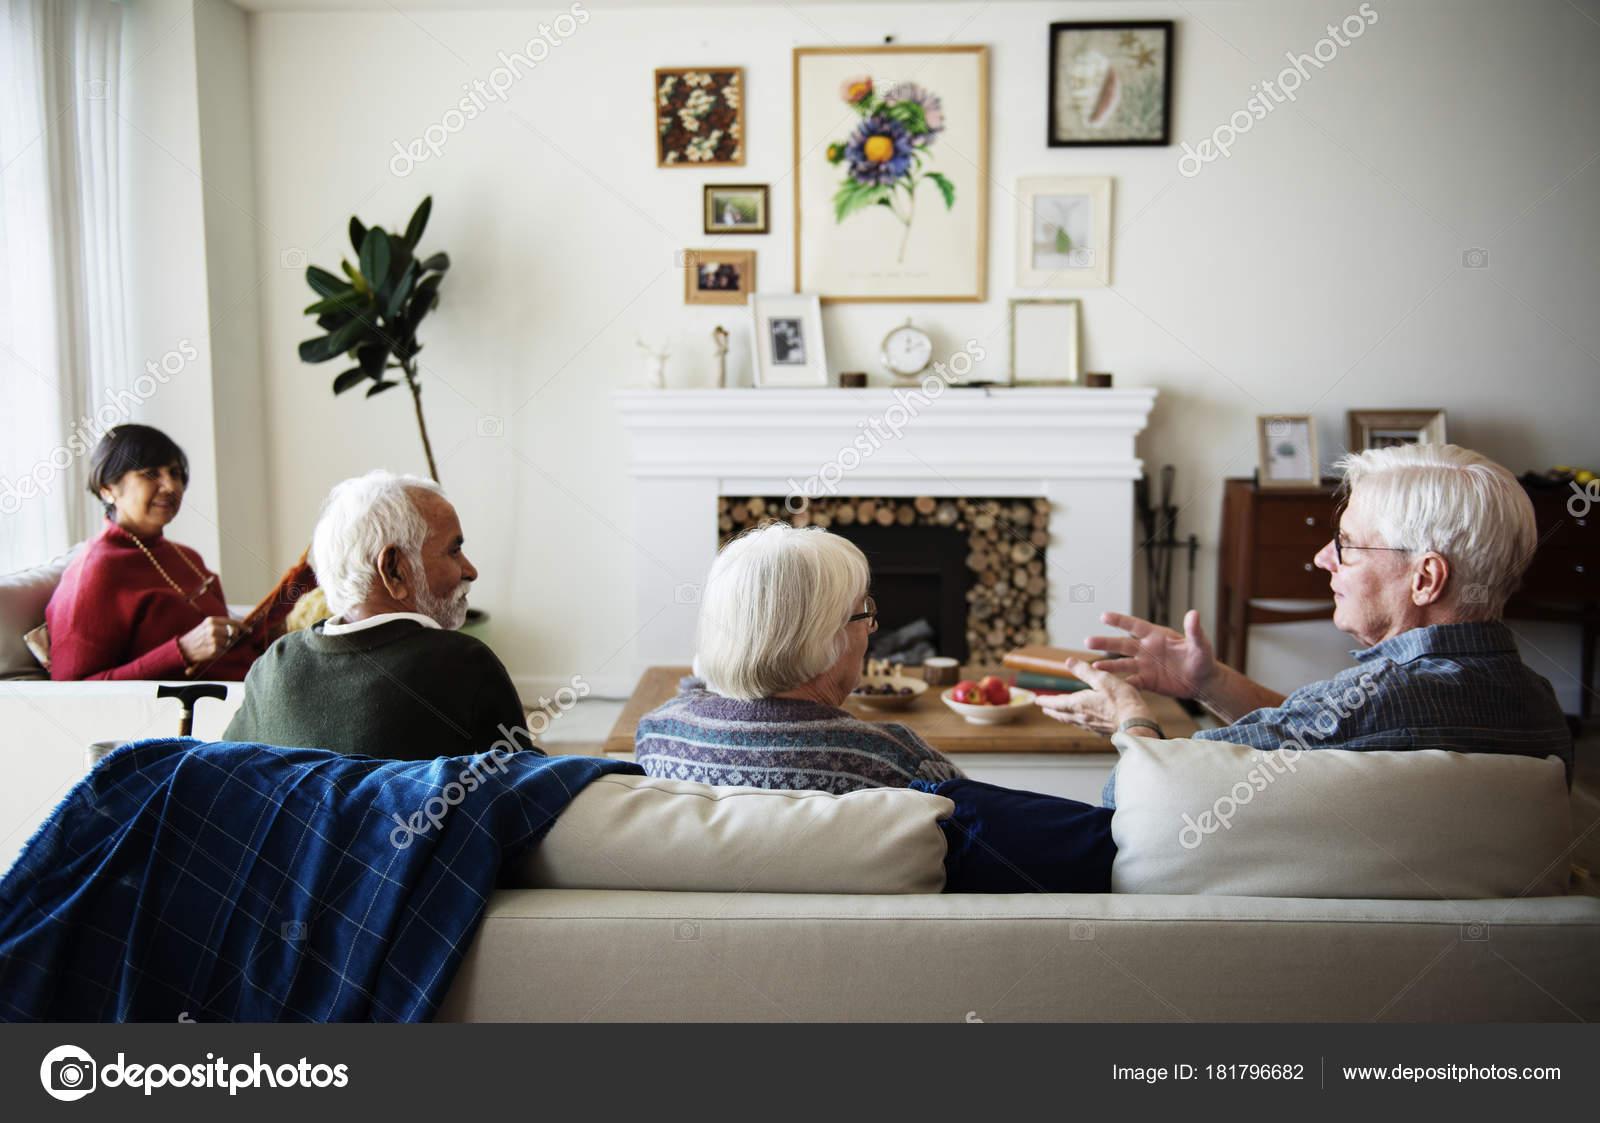 Altere Leute Sprechen Einem Wohnzimmer Stockfoto C Rawpixel 181796682